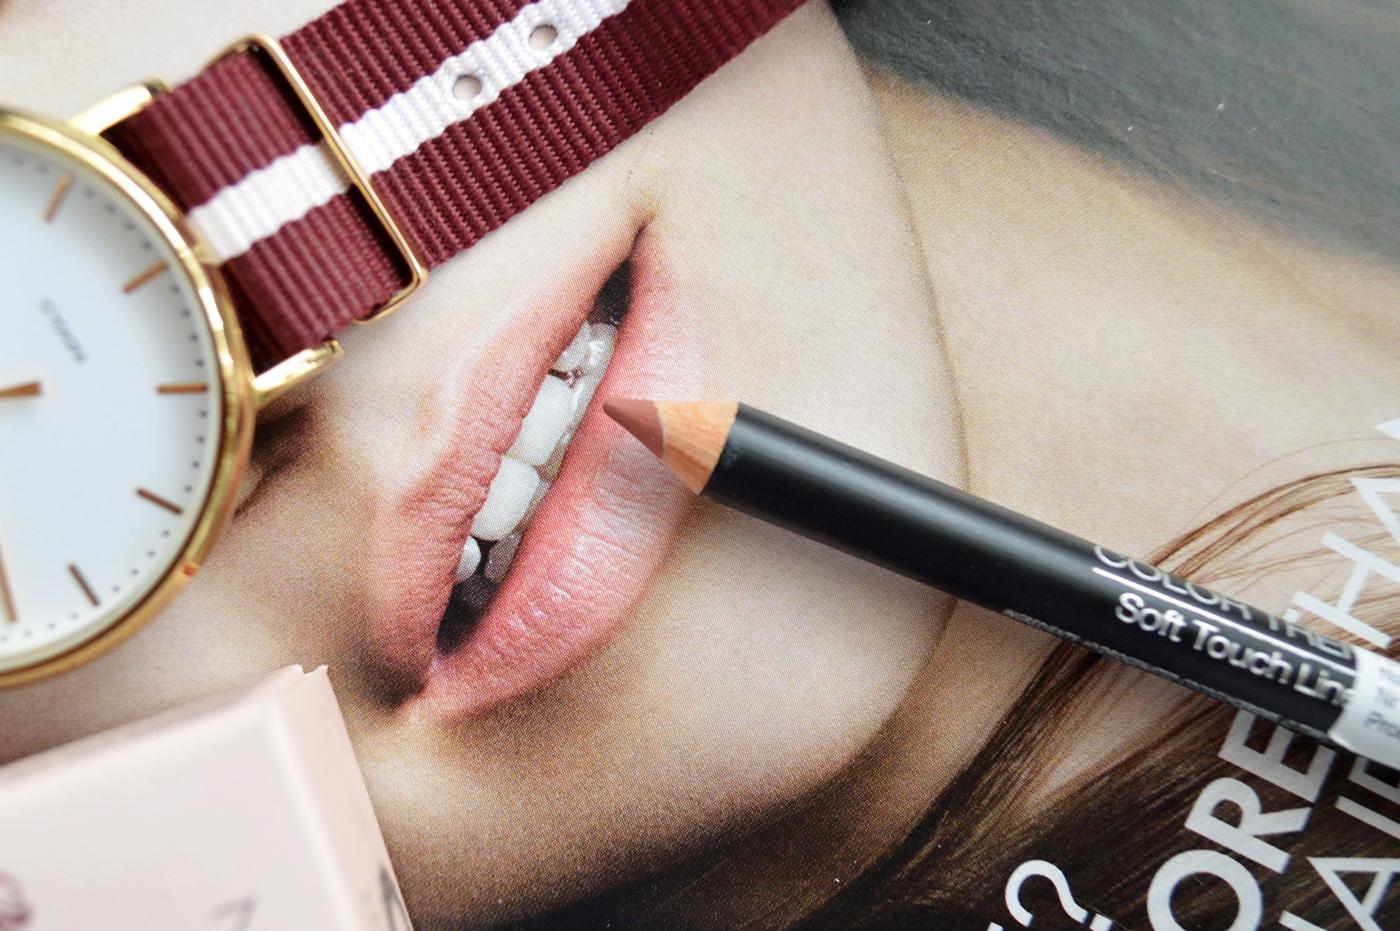 Liferia Konturówka do ust w kolorze Caramel Postquam